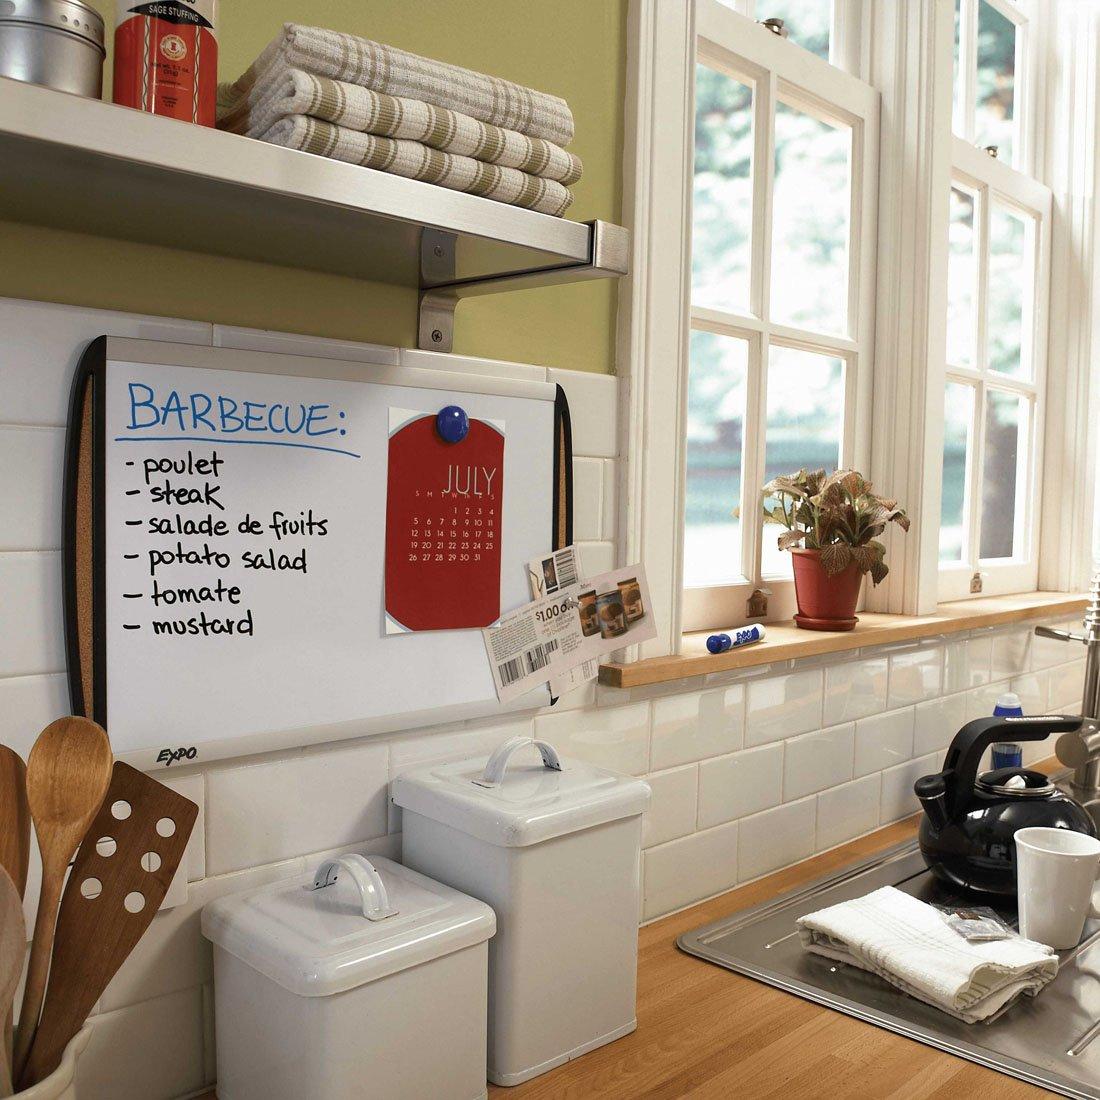 grocery-list-written-on-whiteboard-in-kitchen.jpg